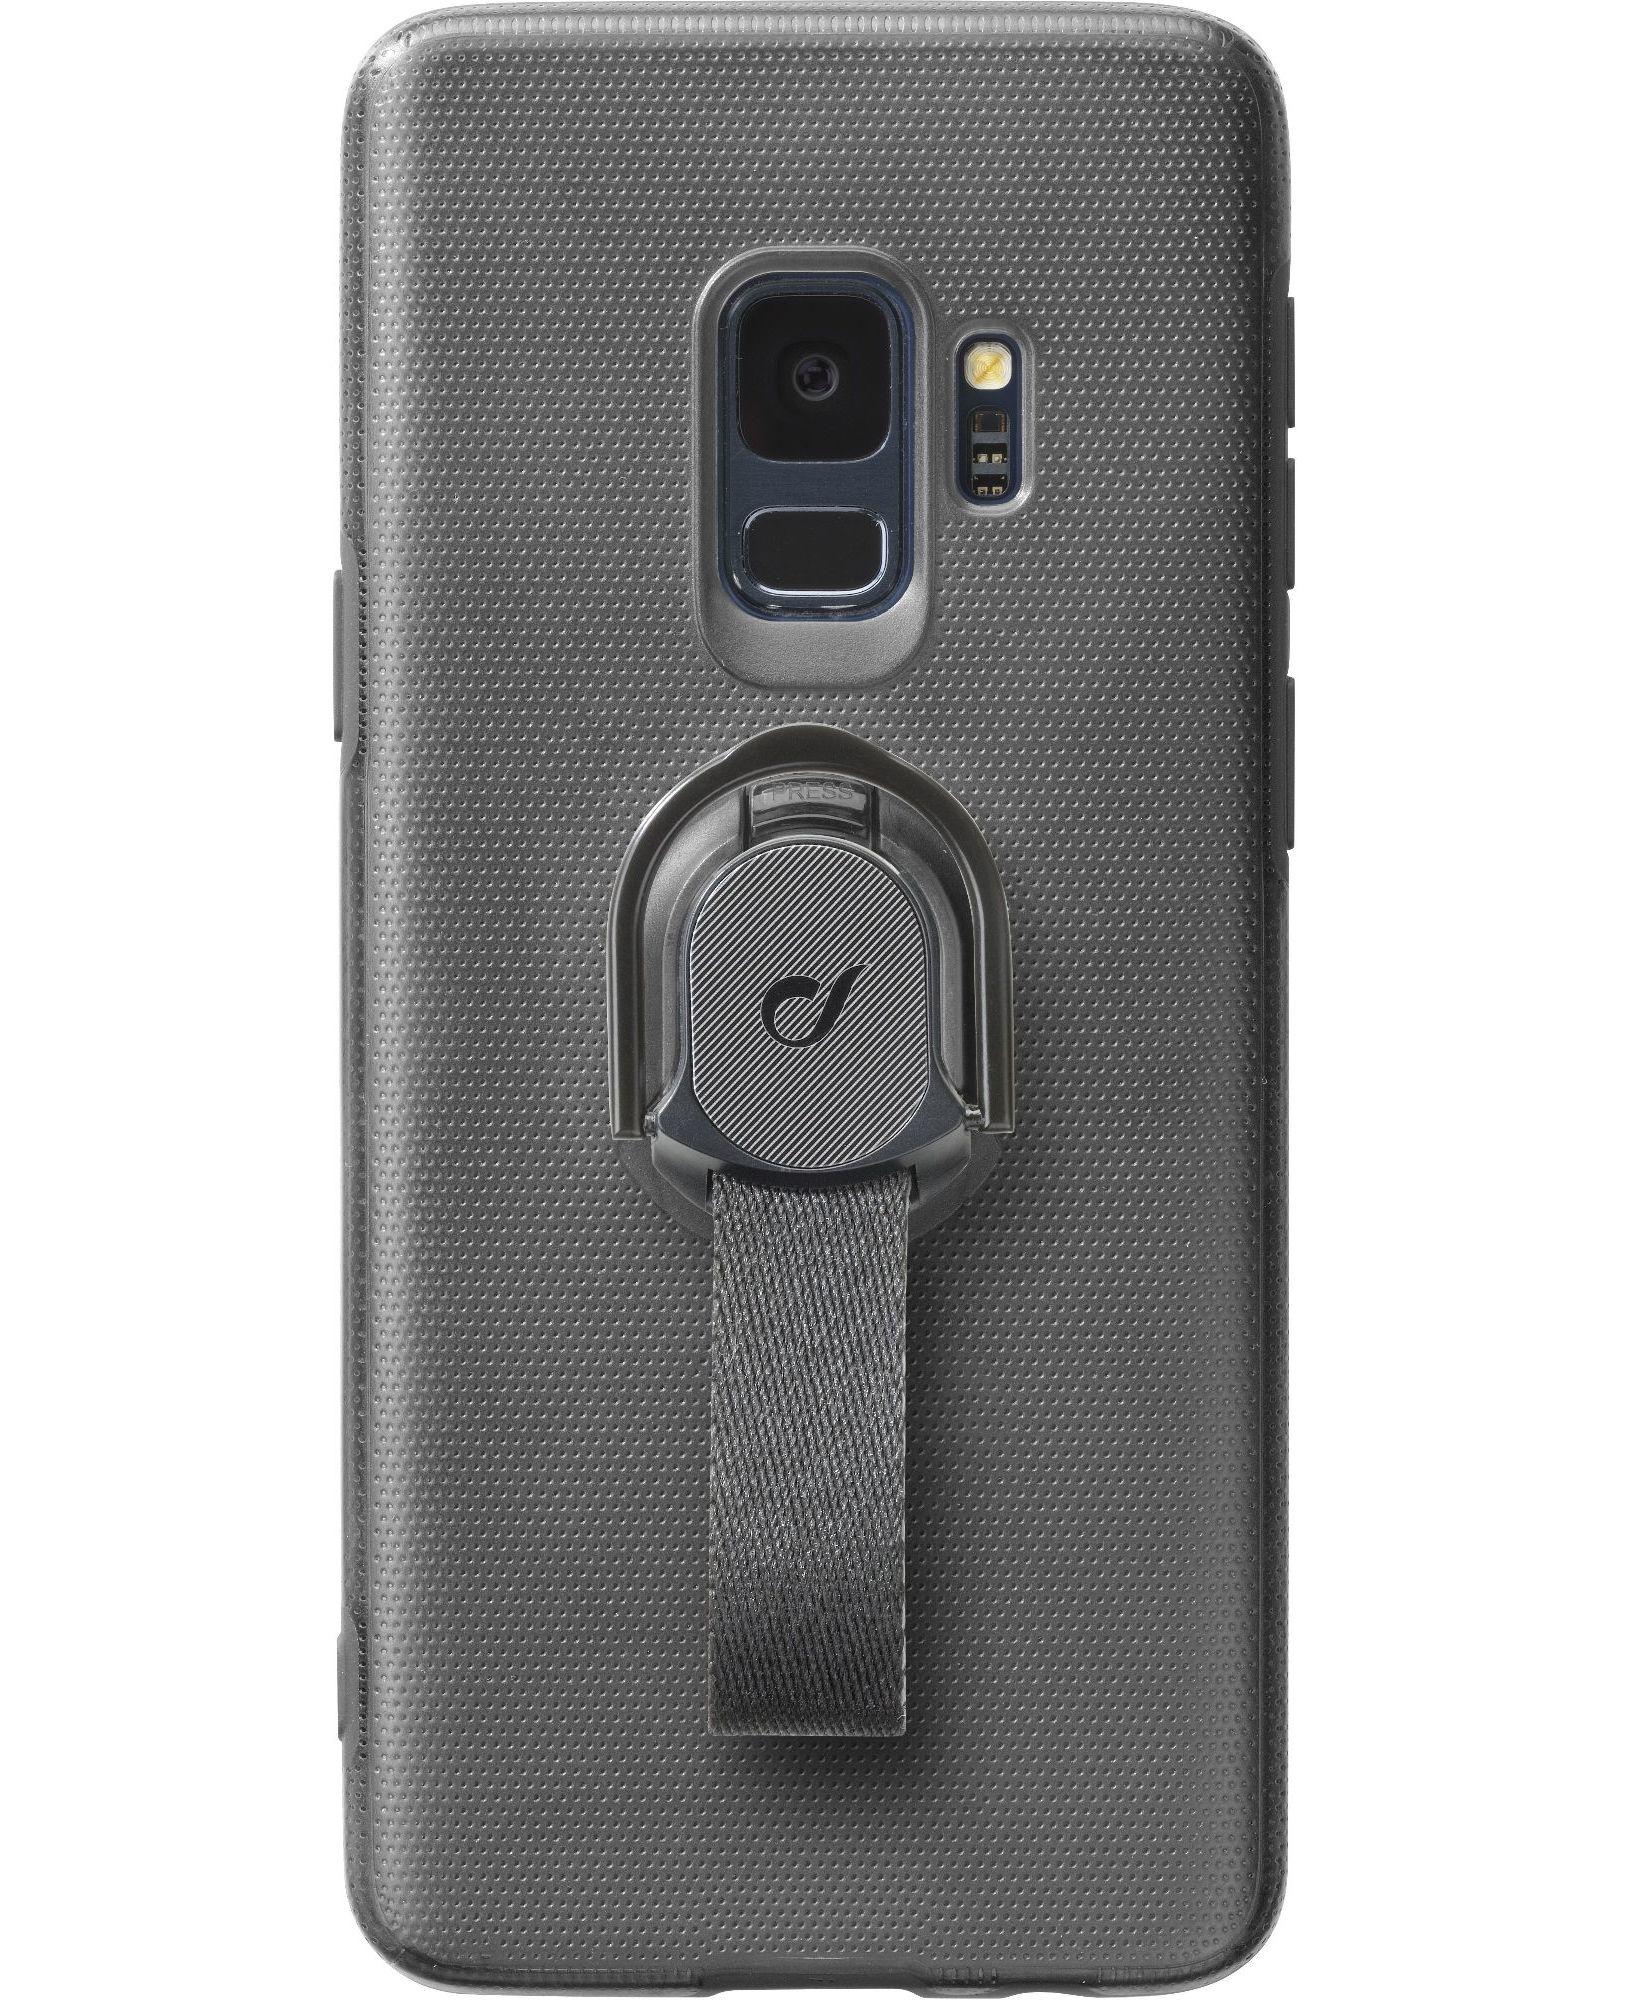 Cellular Line Custodia con asola di sicurezza removibile Galaxy S9 - Steadycgals9k